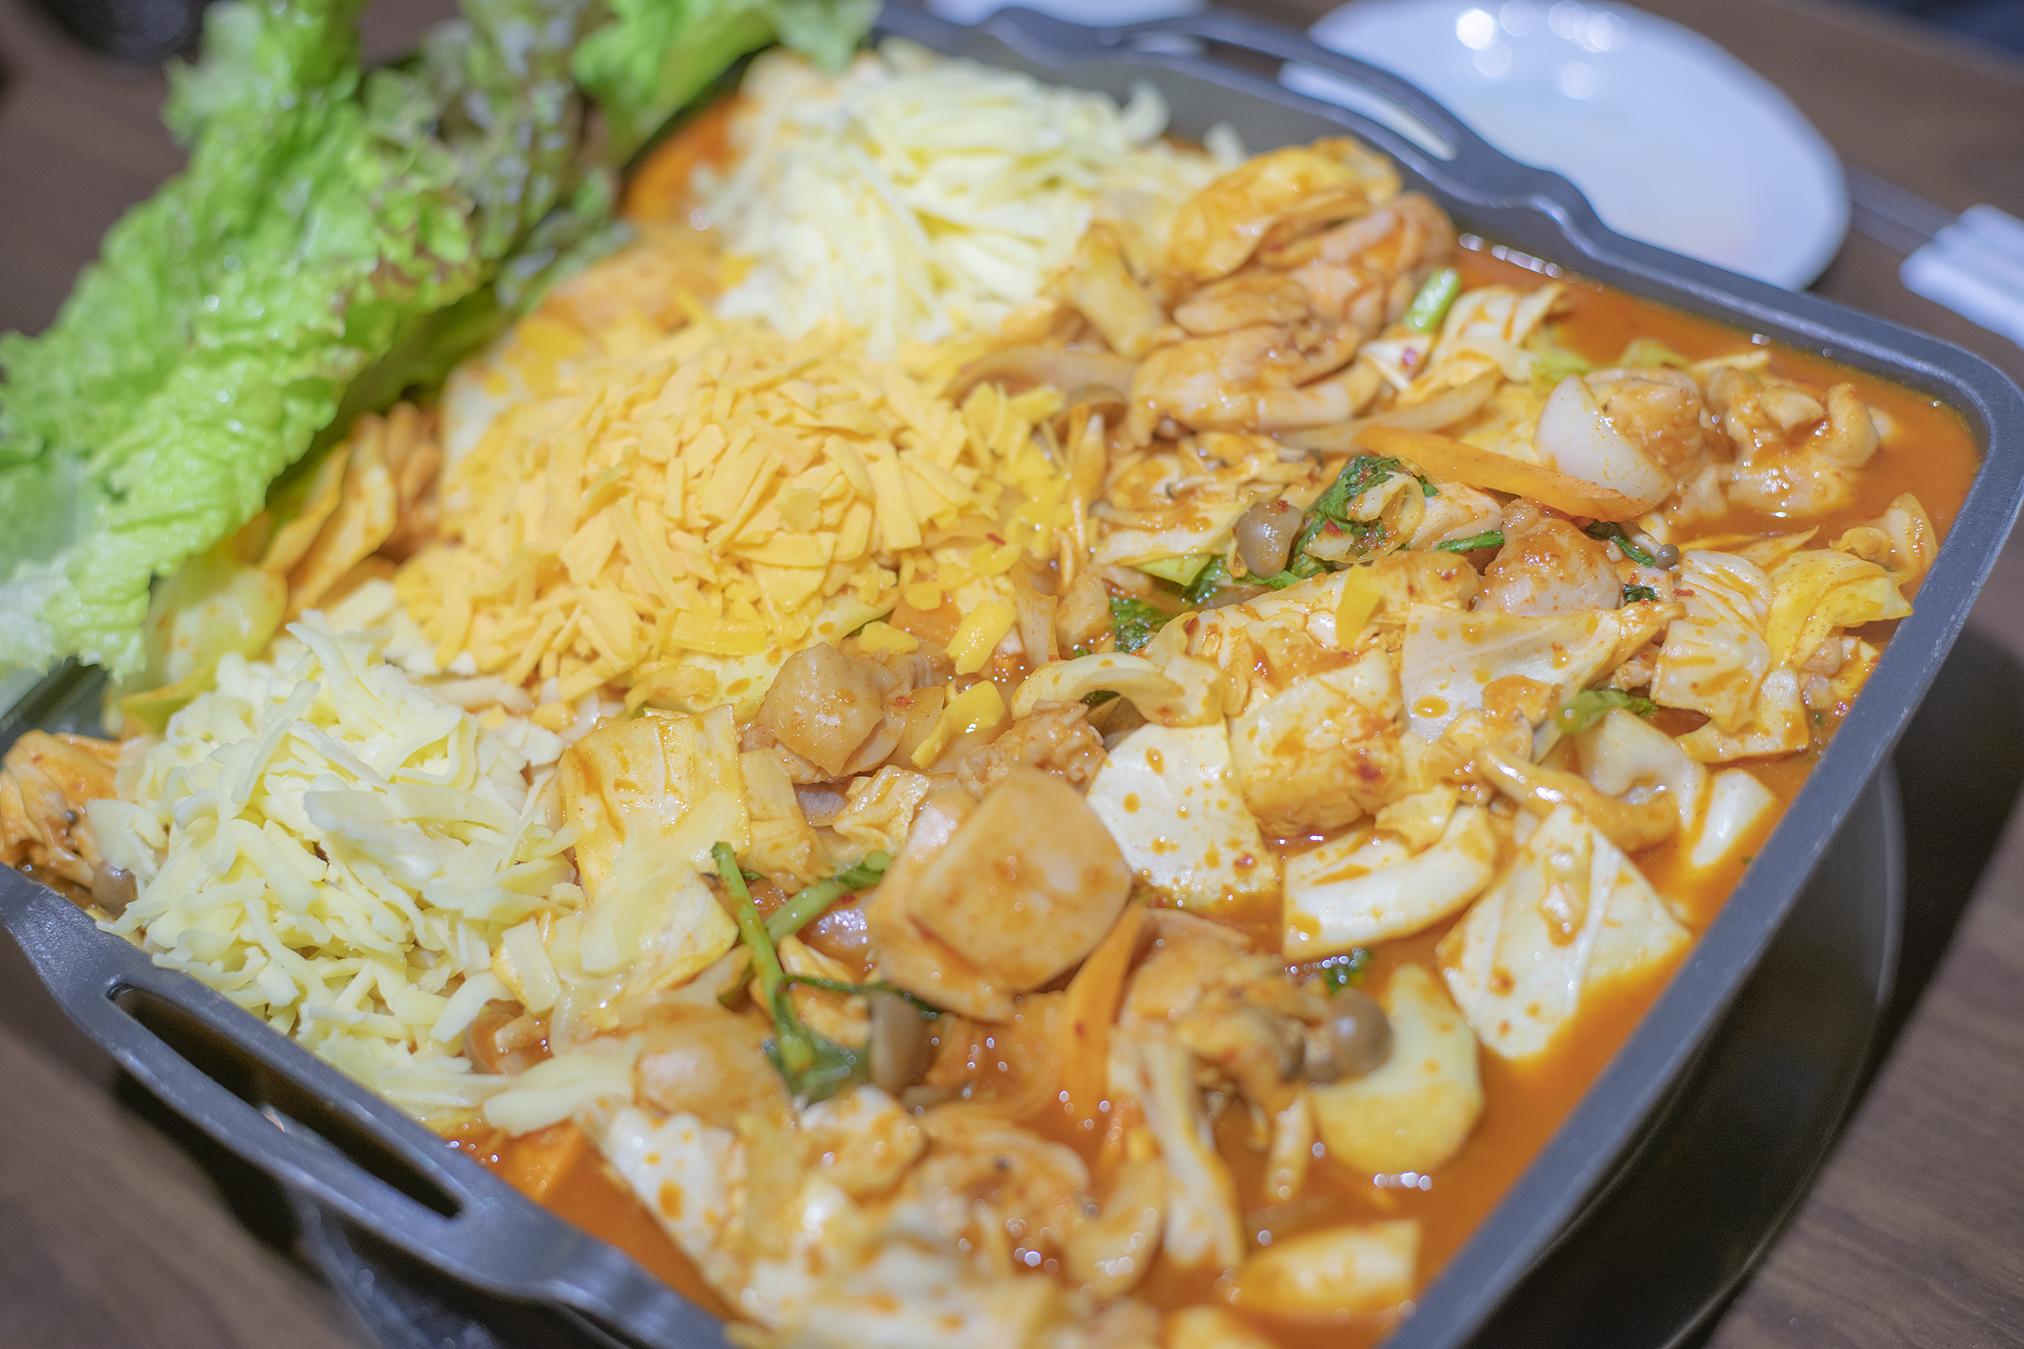 高松市の韓国料理「双六」の「チーズダッカルビ」